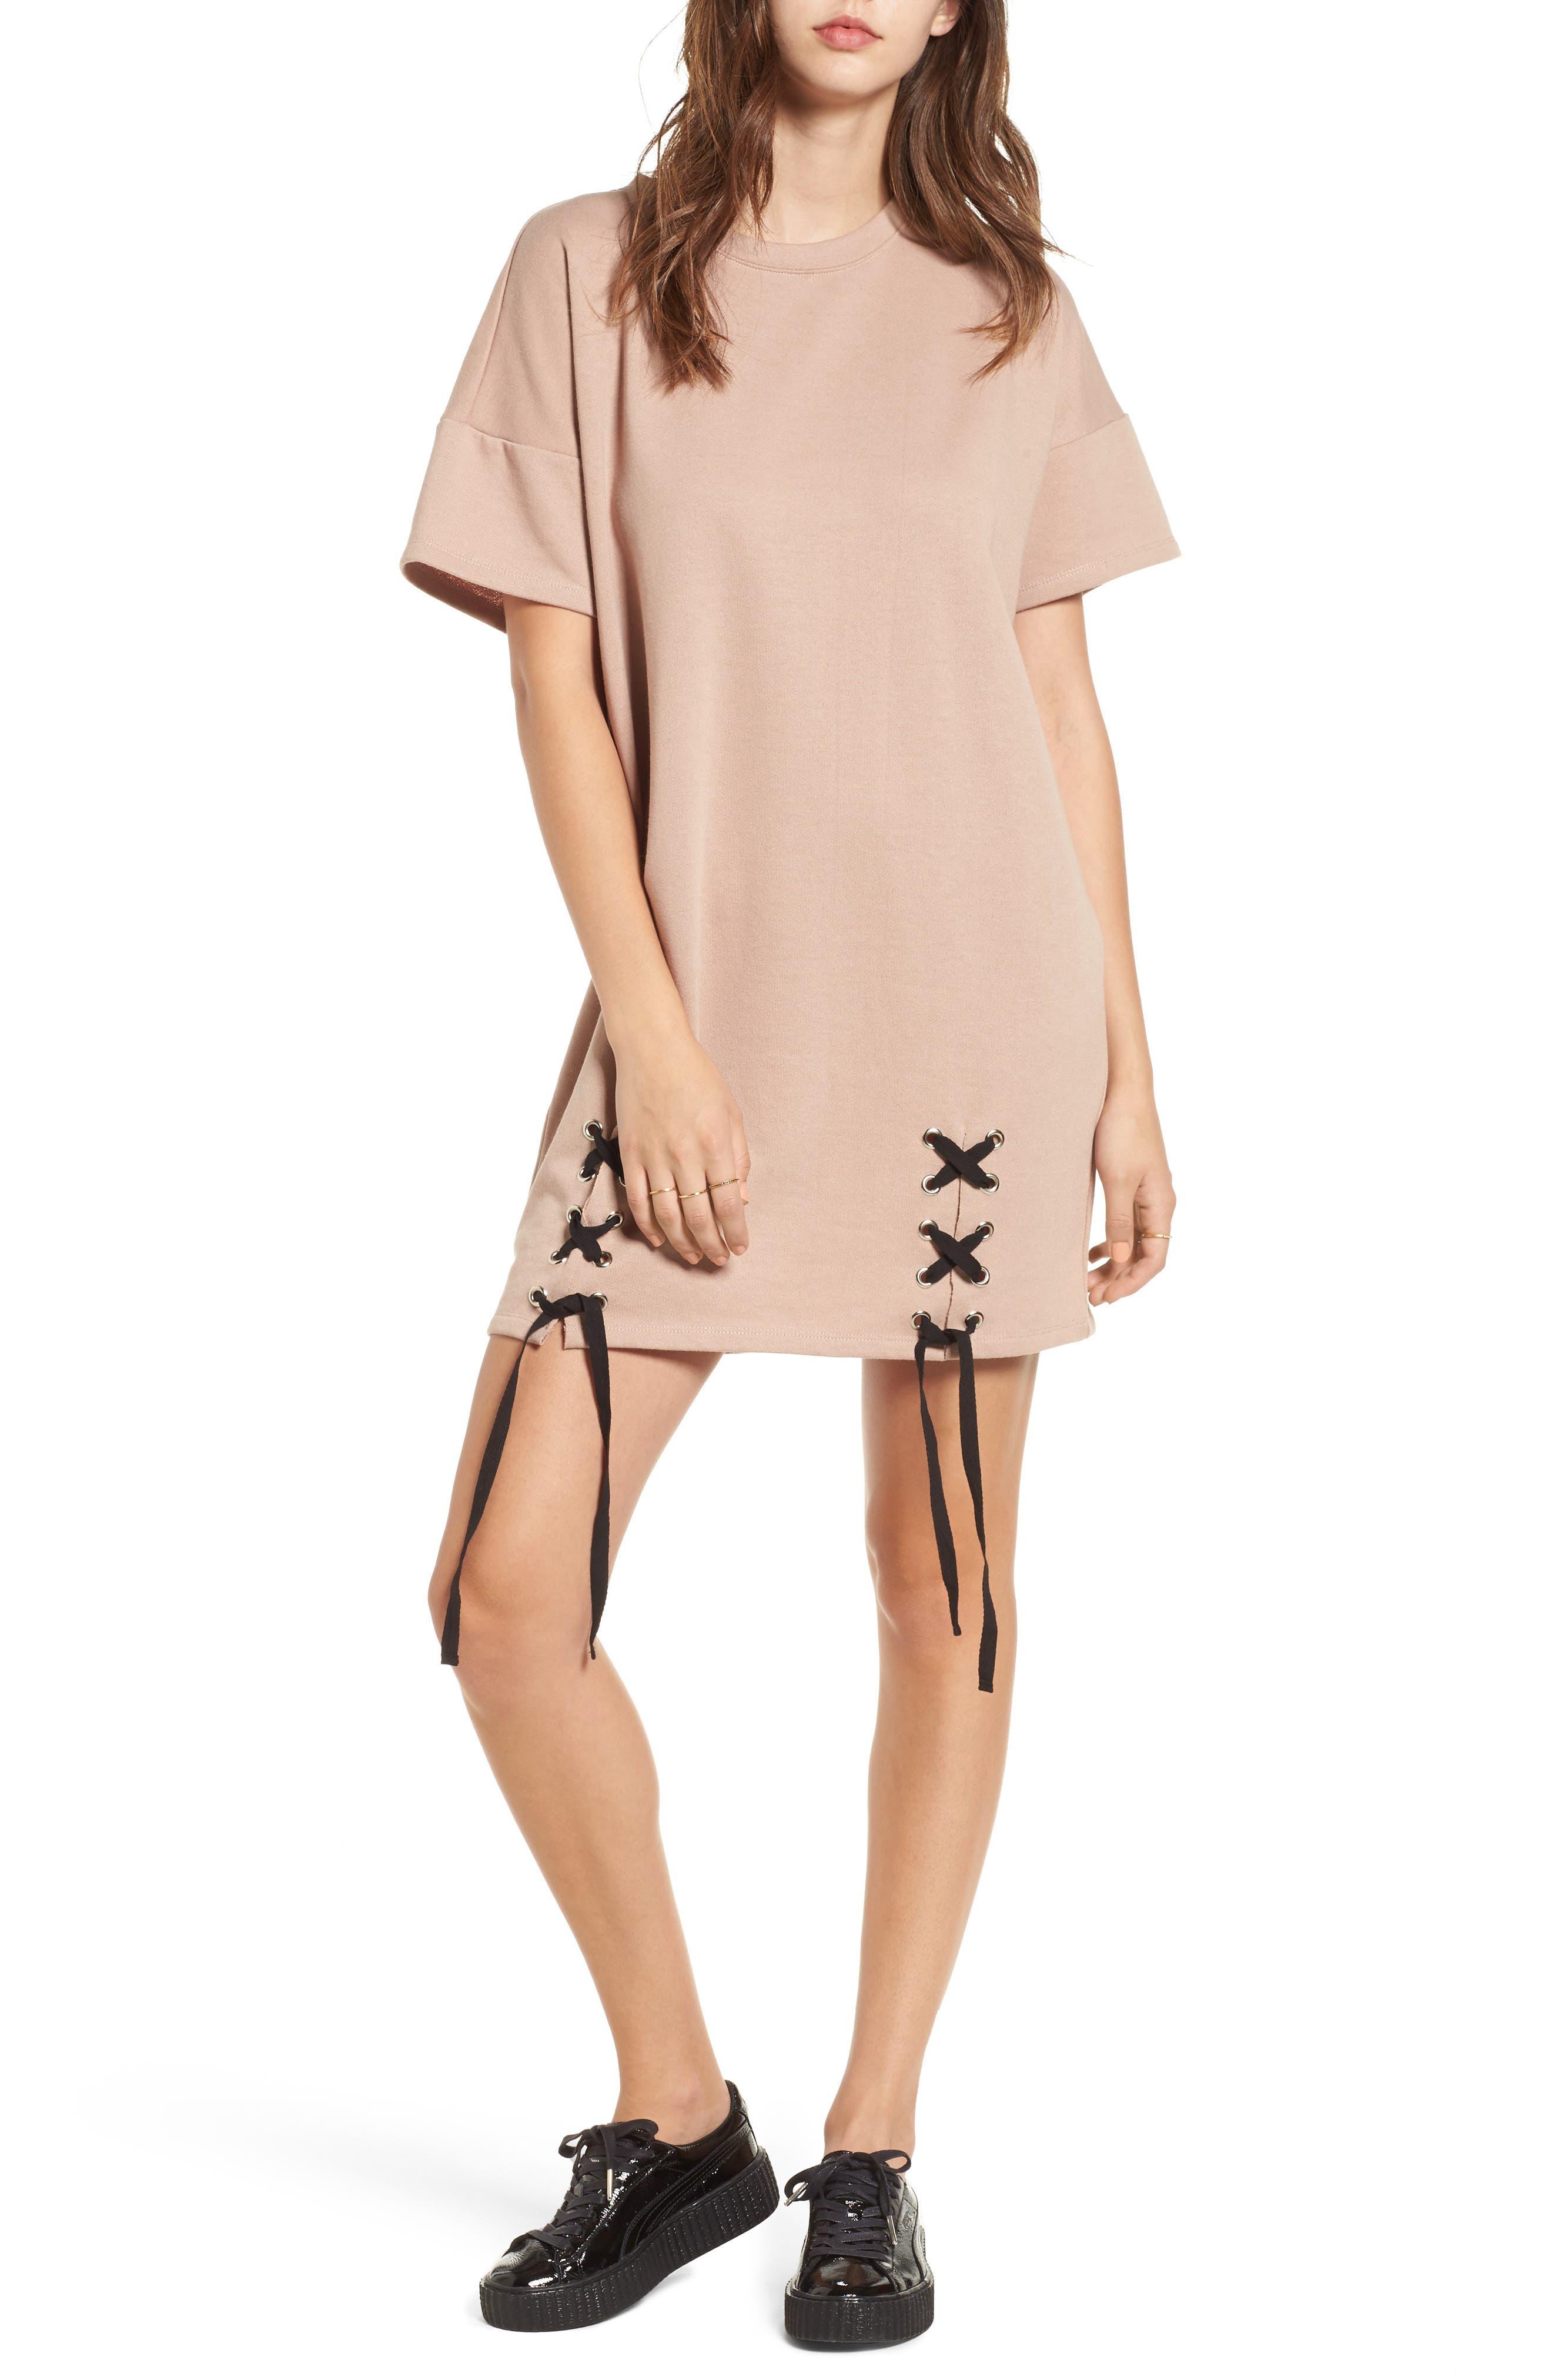 One Clothing Lace-Up Sweatshirt Dress